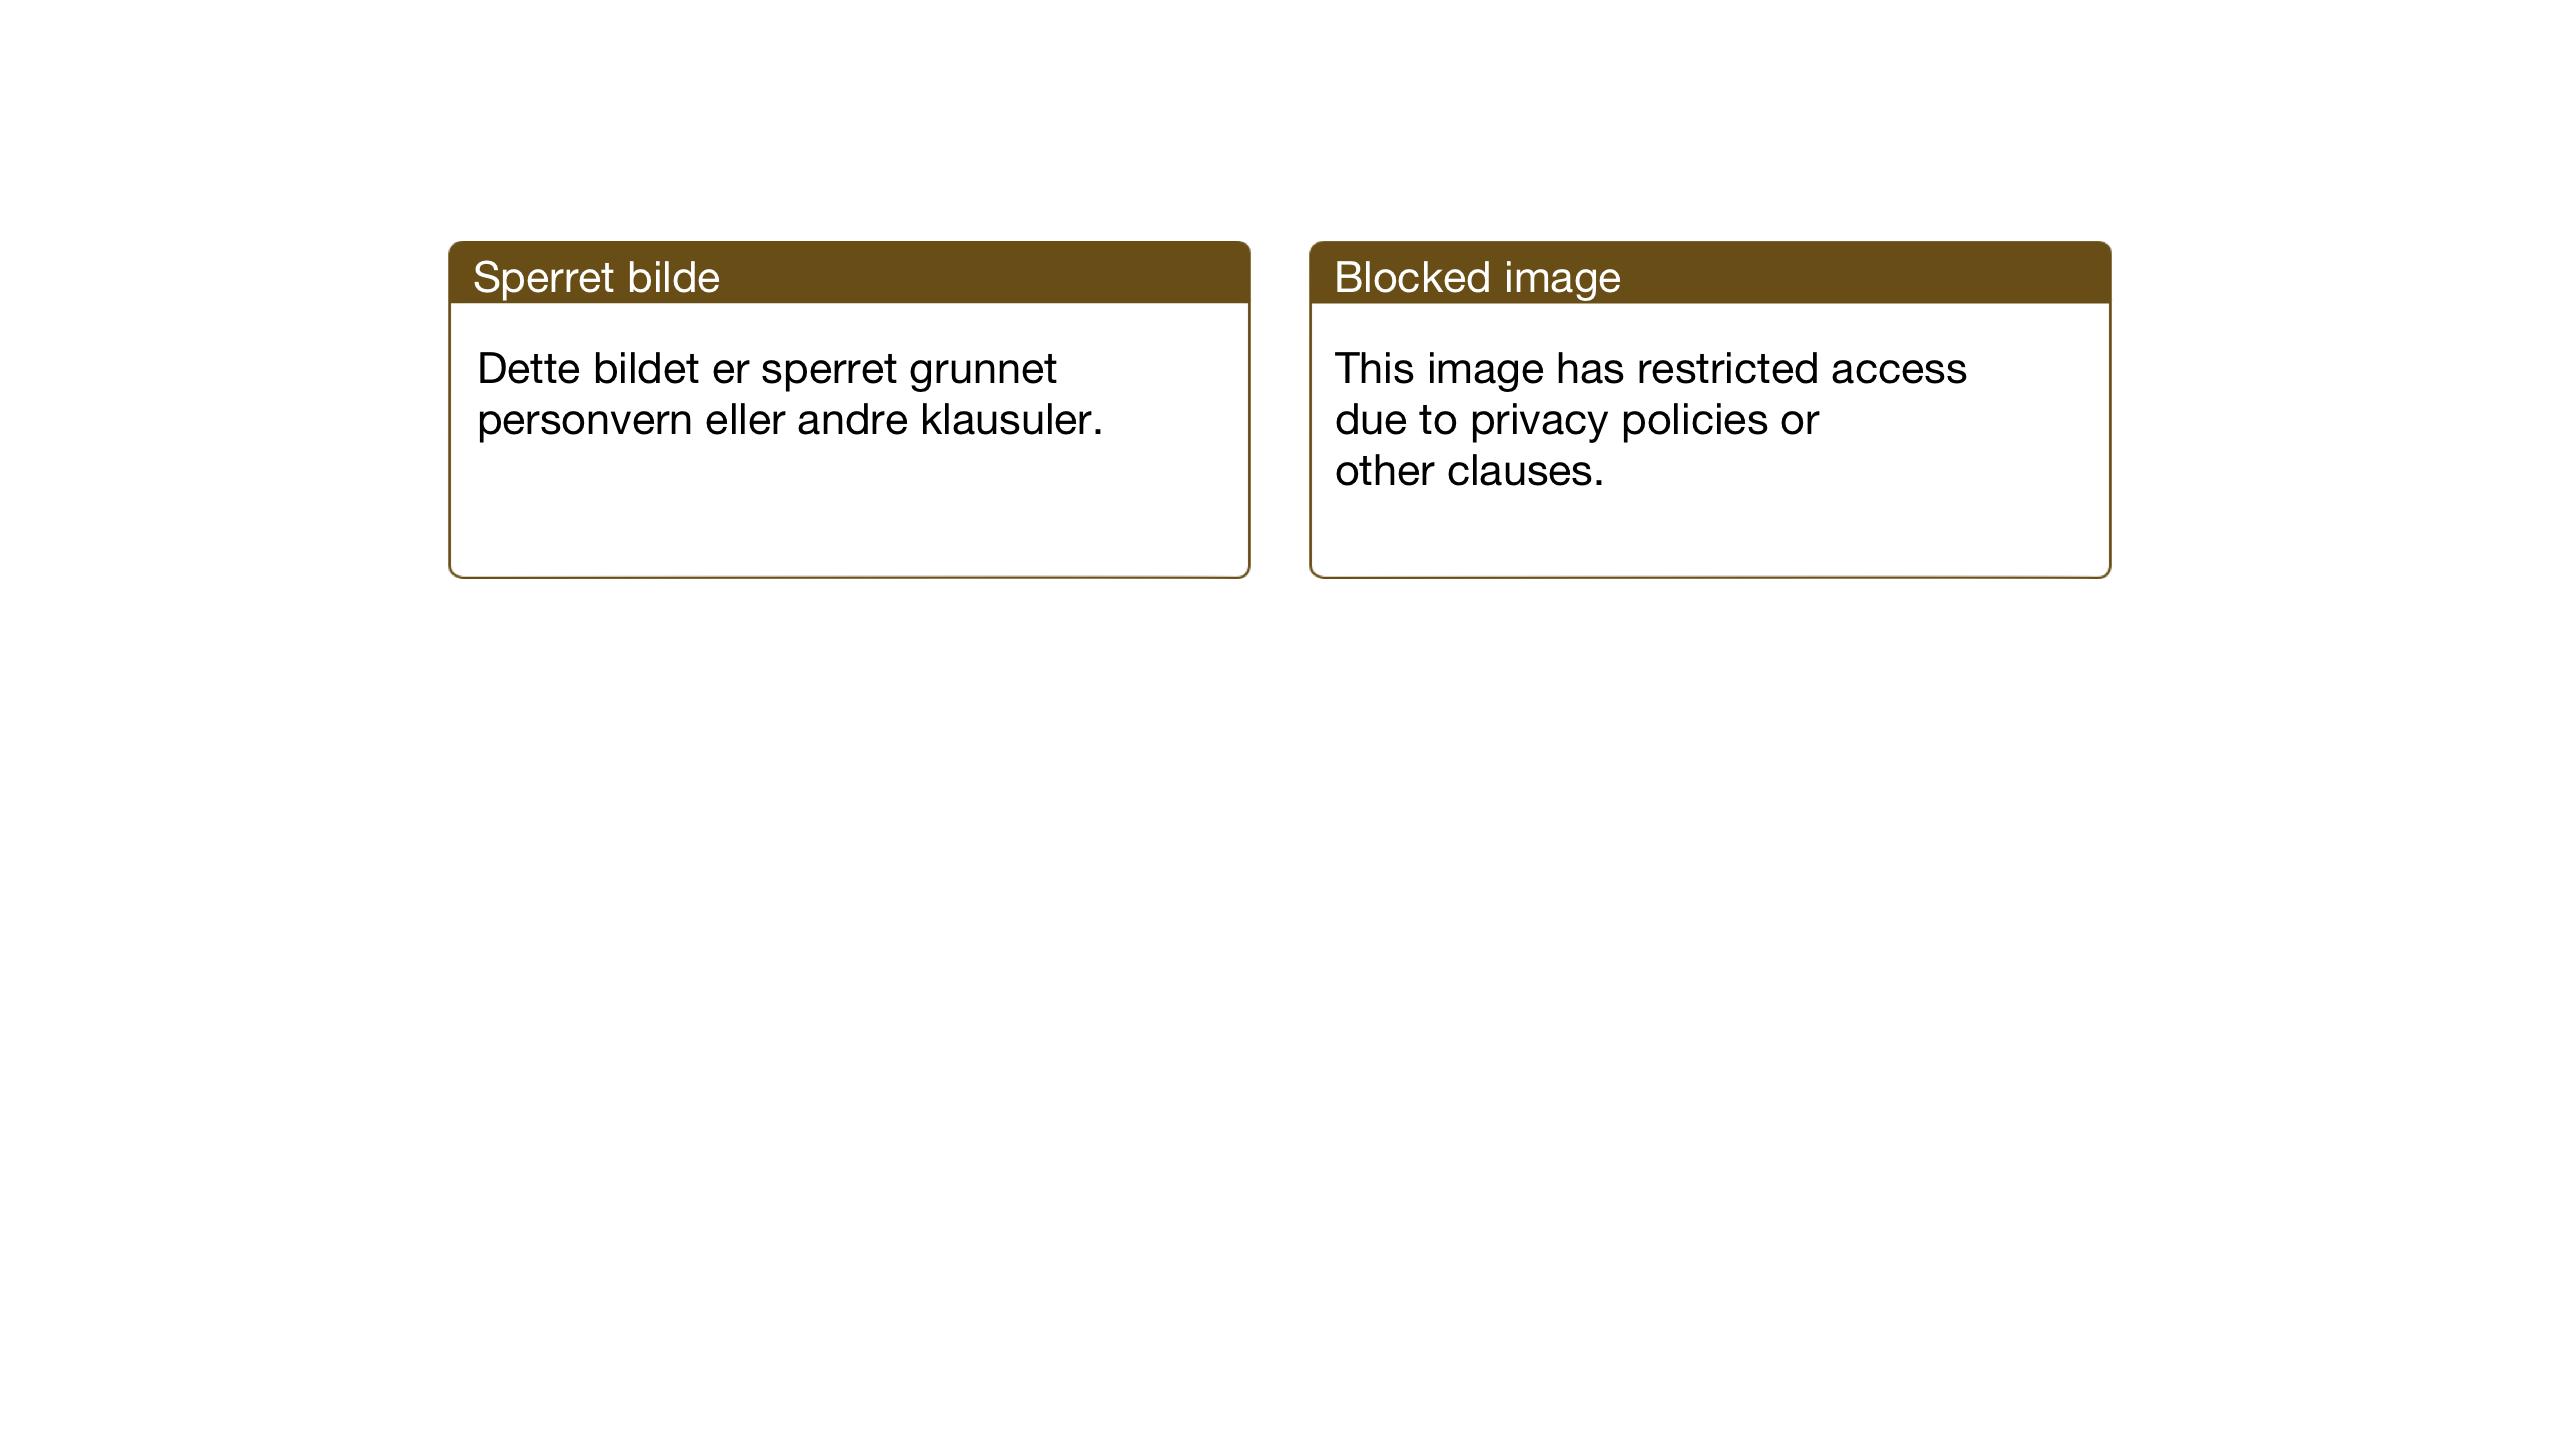 SAT, Ministerialprotokoller, klokkerbøker og fødselsregistre - Sør-Trøndelag, 662/L0758: Klokkerbok nr. 662C03, 1918-1948, s. 44